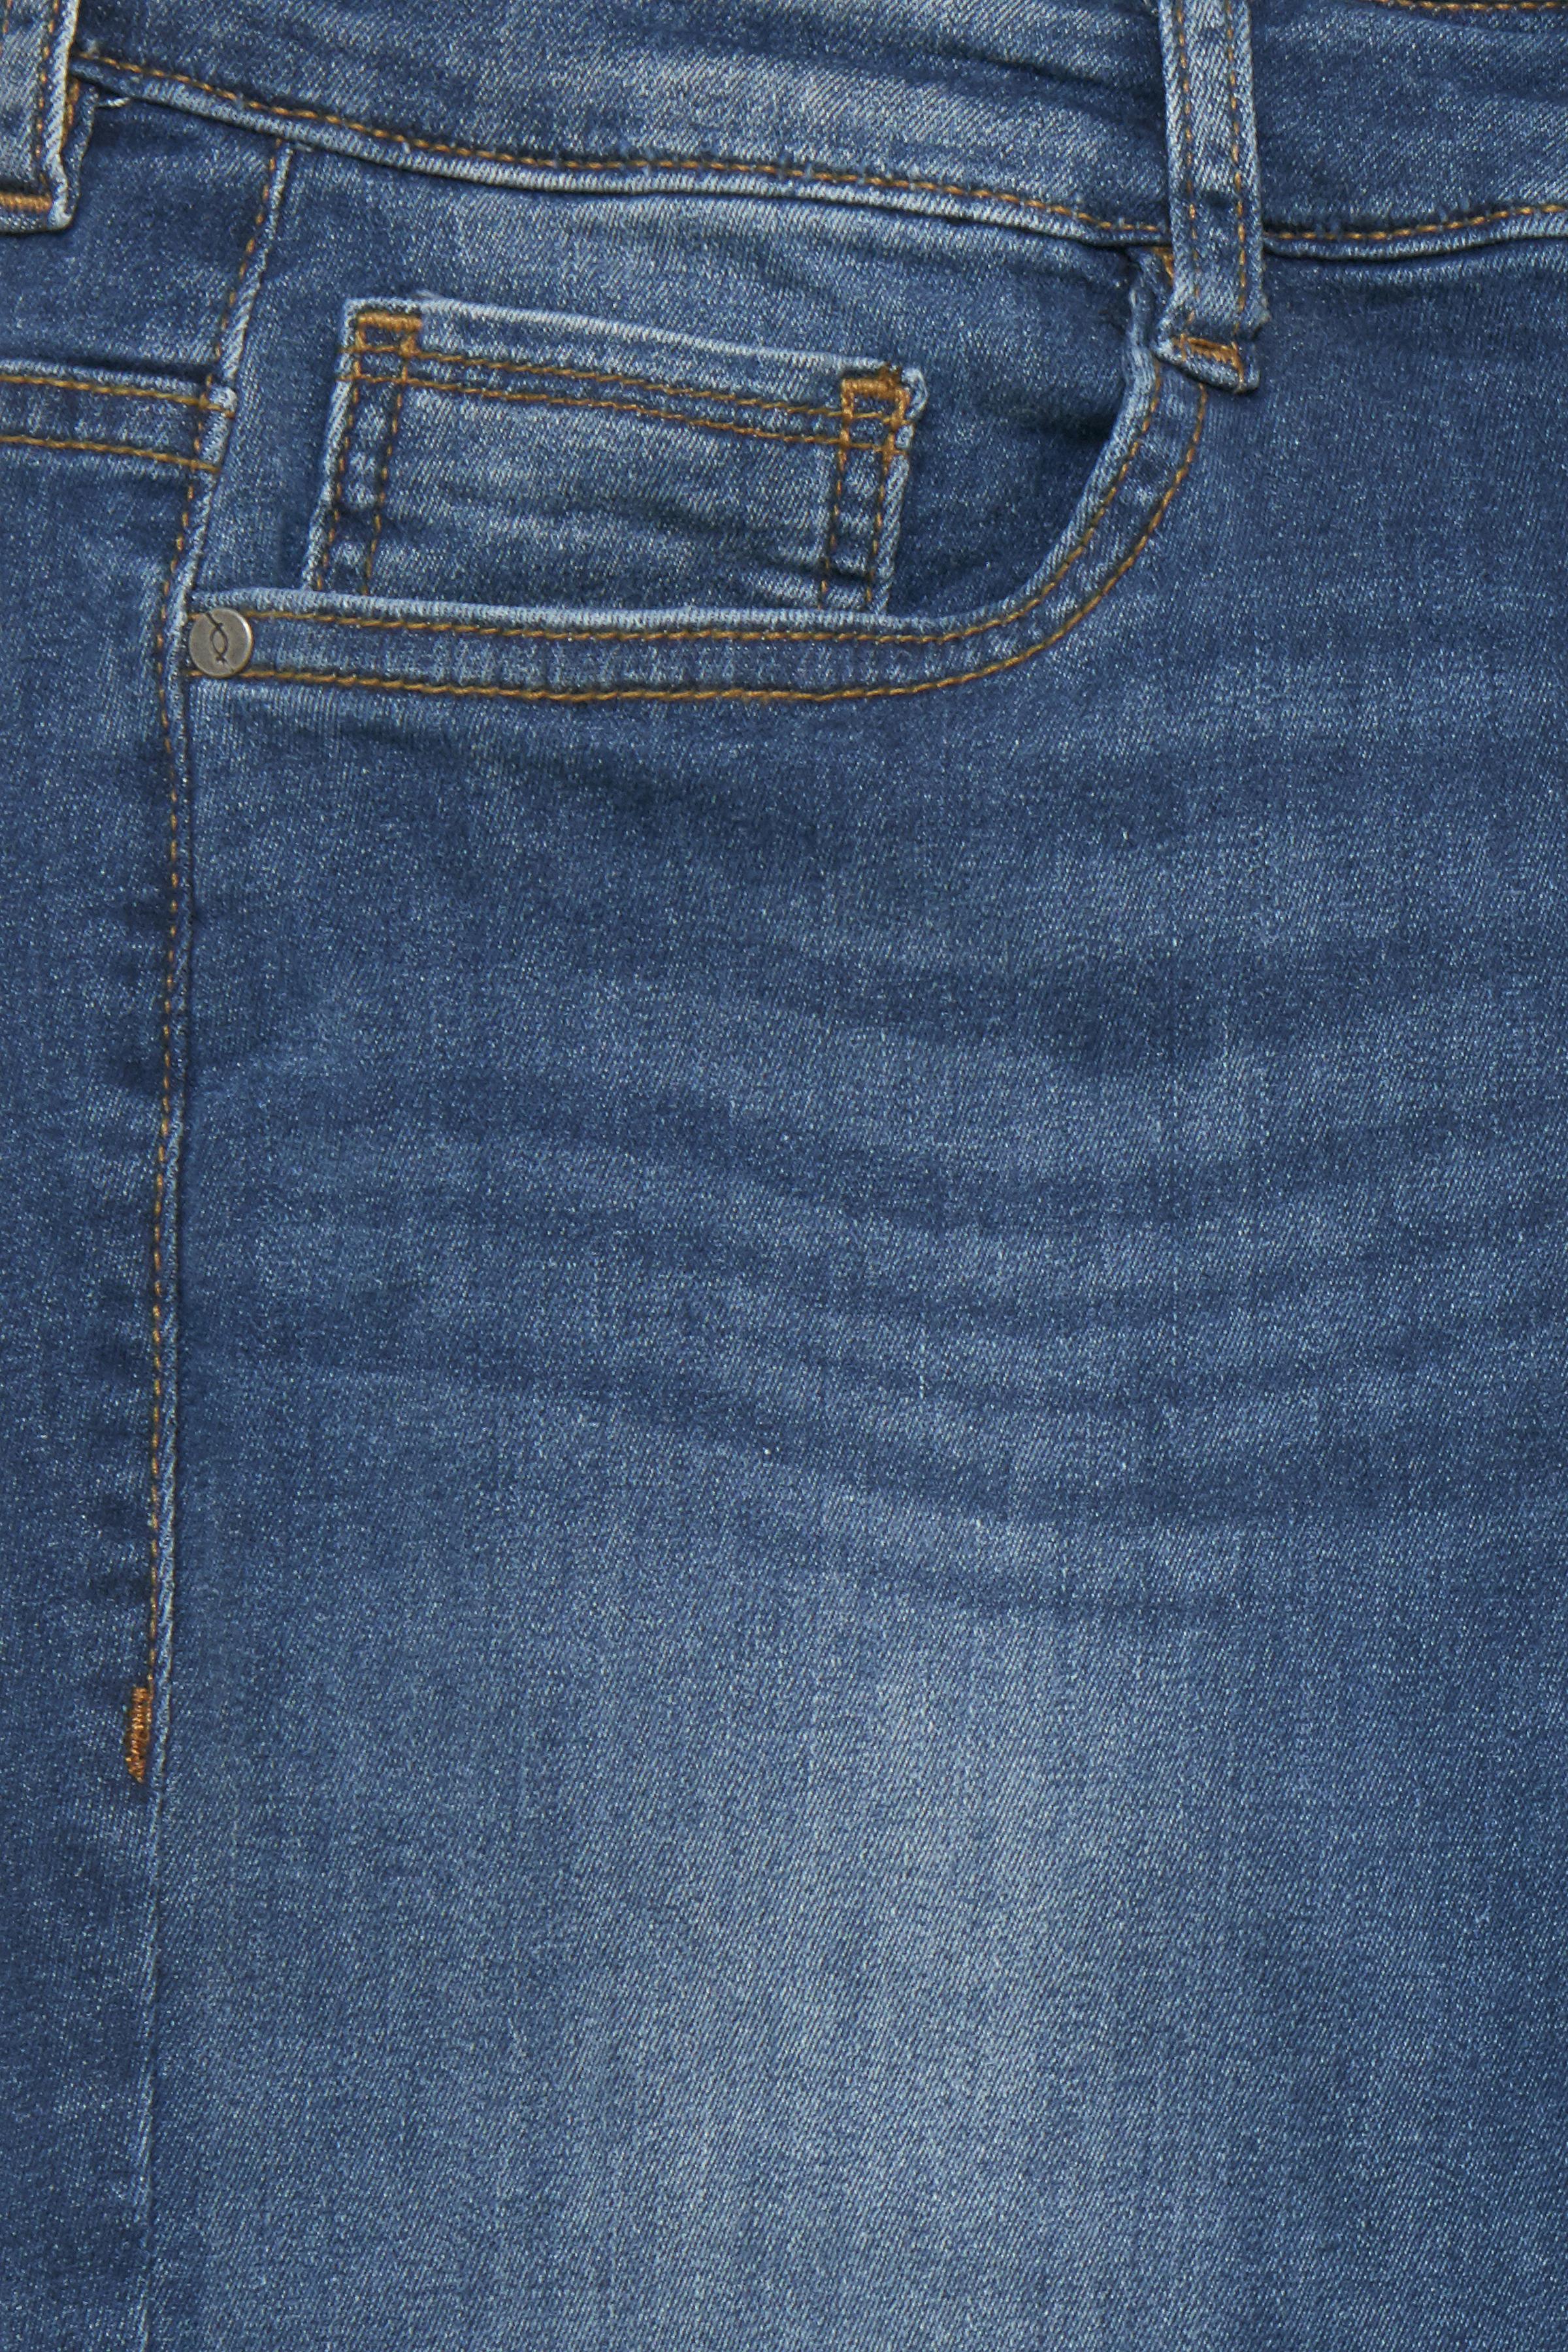 Denimblå Denimbuks fra Fransa – Køb Denimblå Denimbuks fra str. 34-46 her